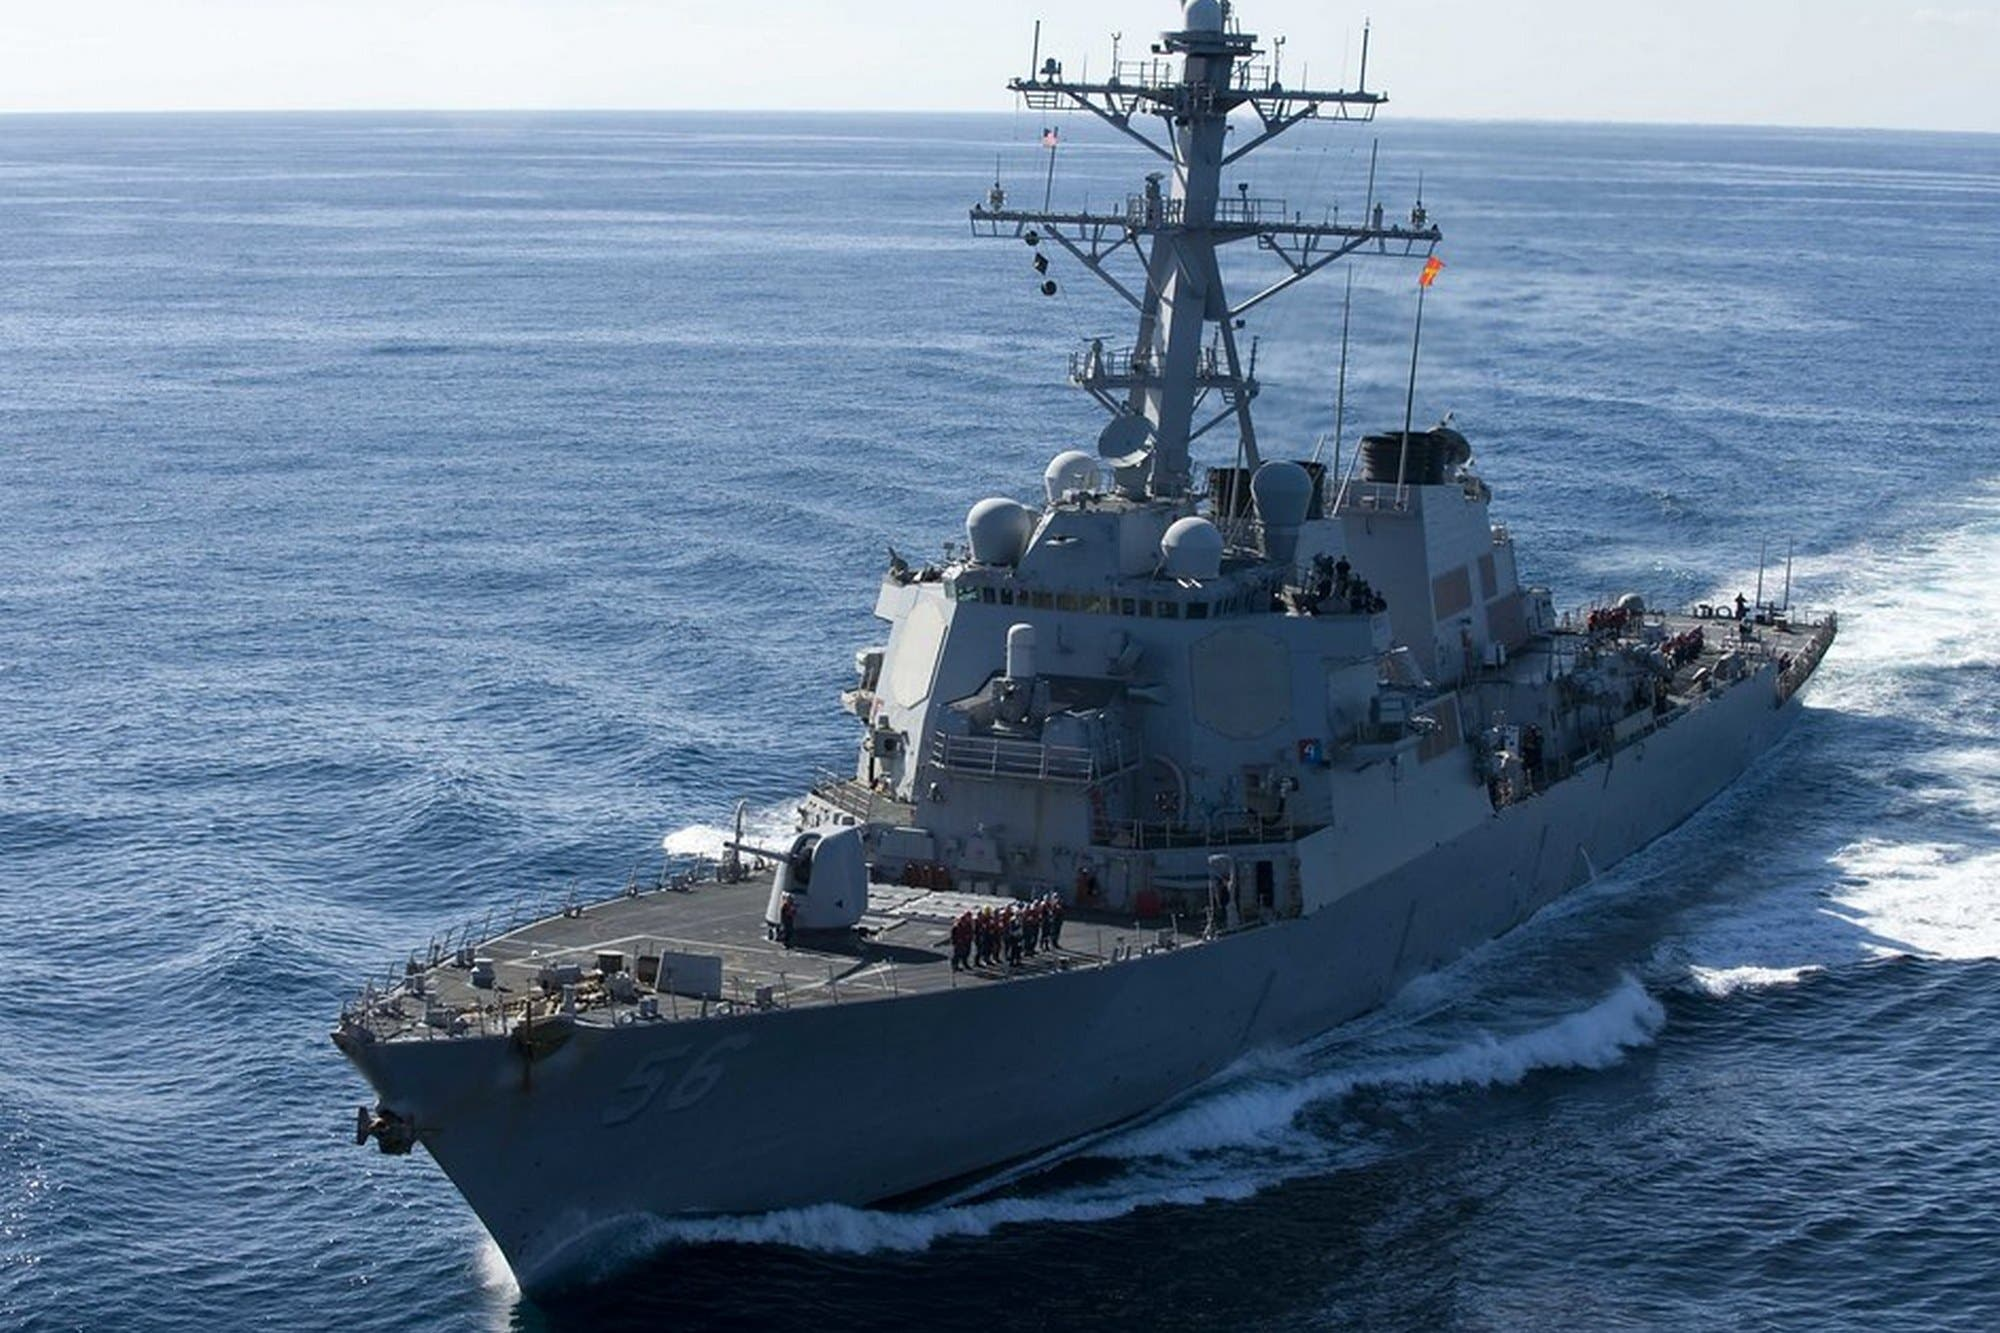 Adiós a la pantalla táctil: la Armada de los EE.UU. controlará sus buques de guerra con botones y perillas